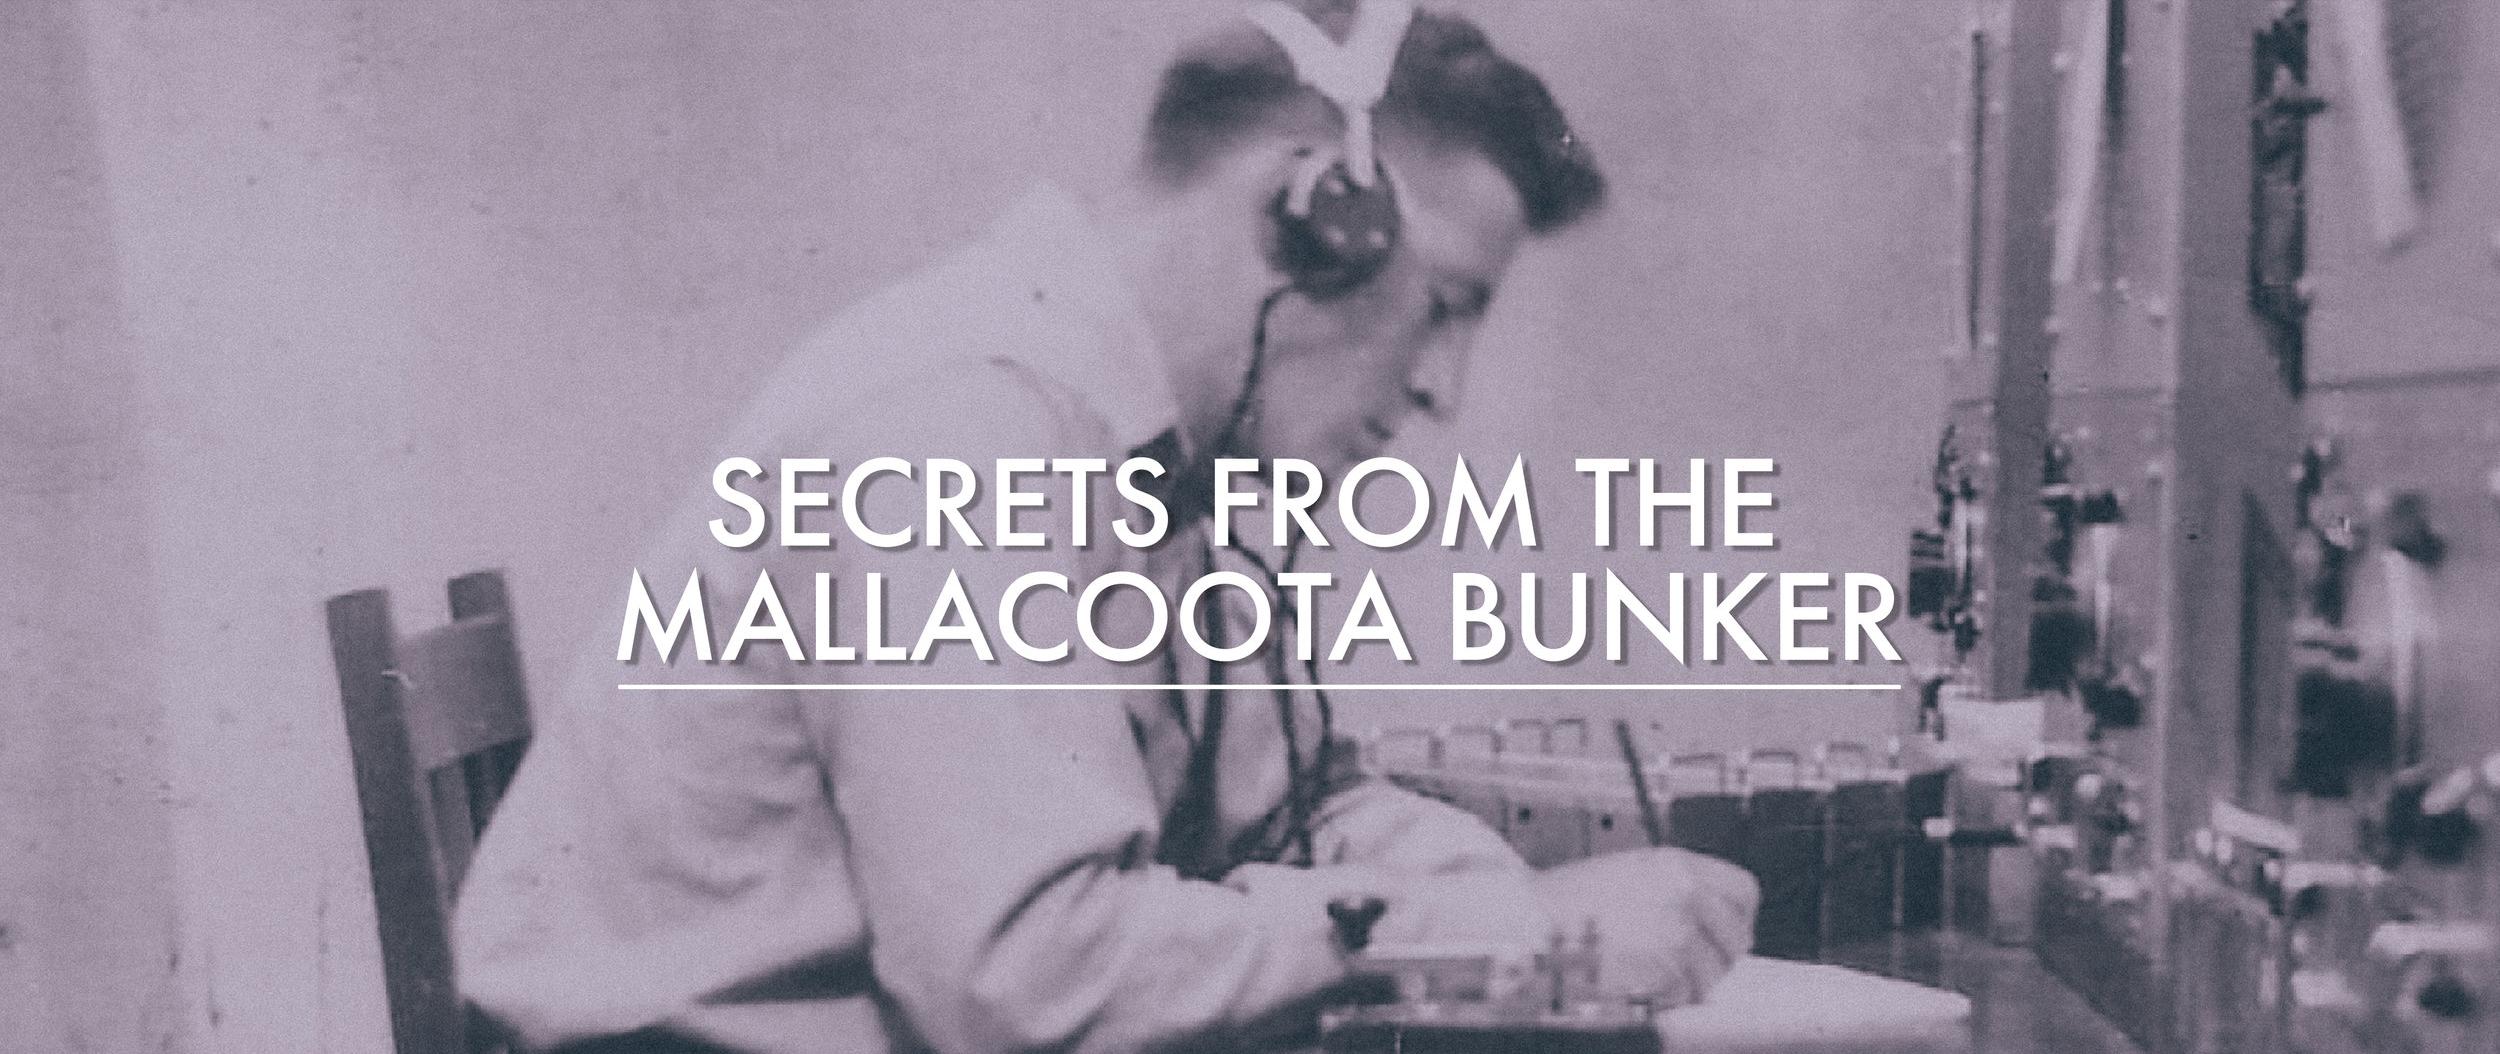 mallacoota-bunker.jpg